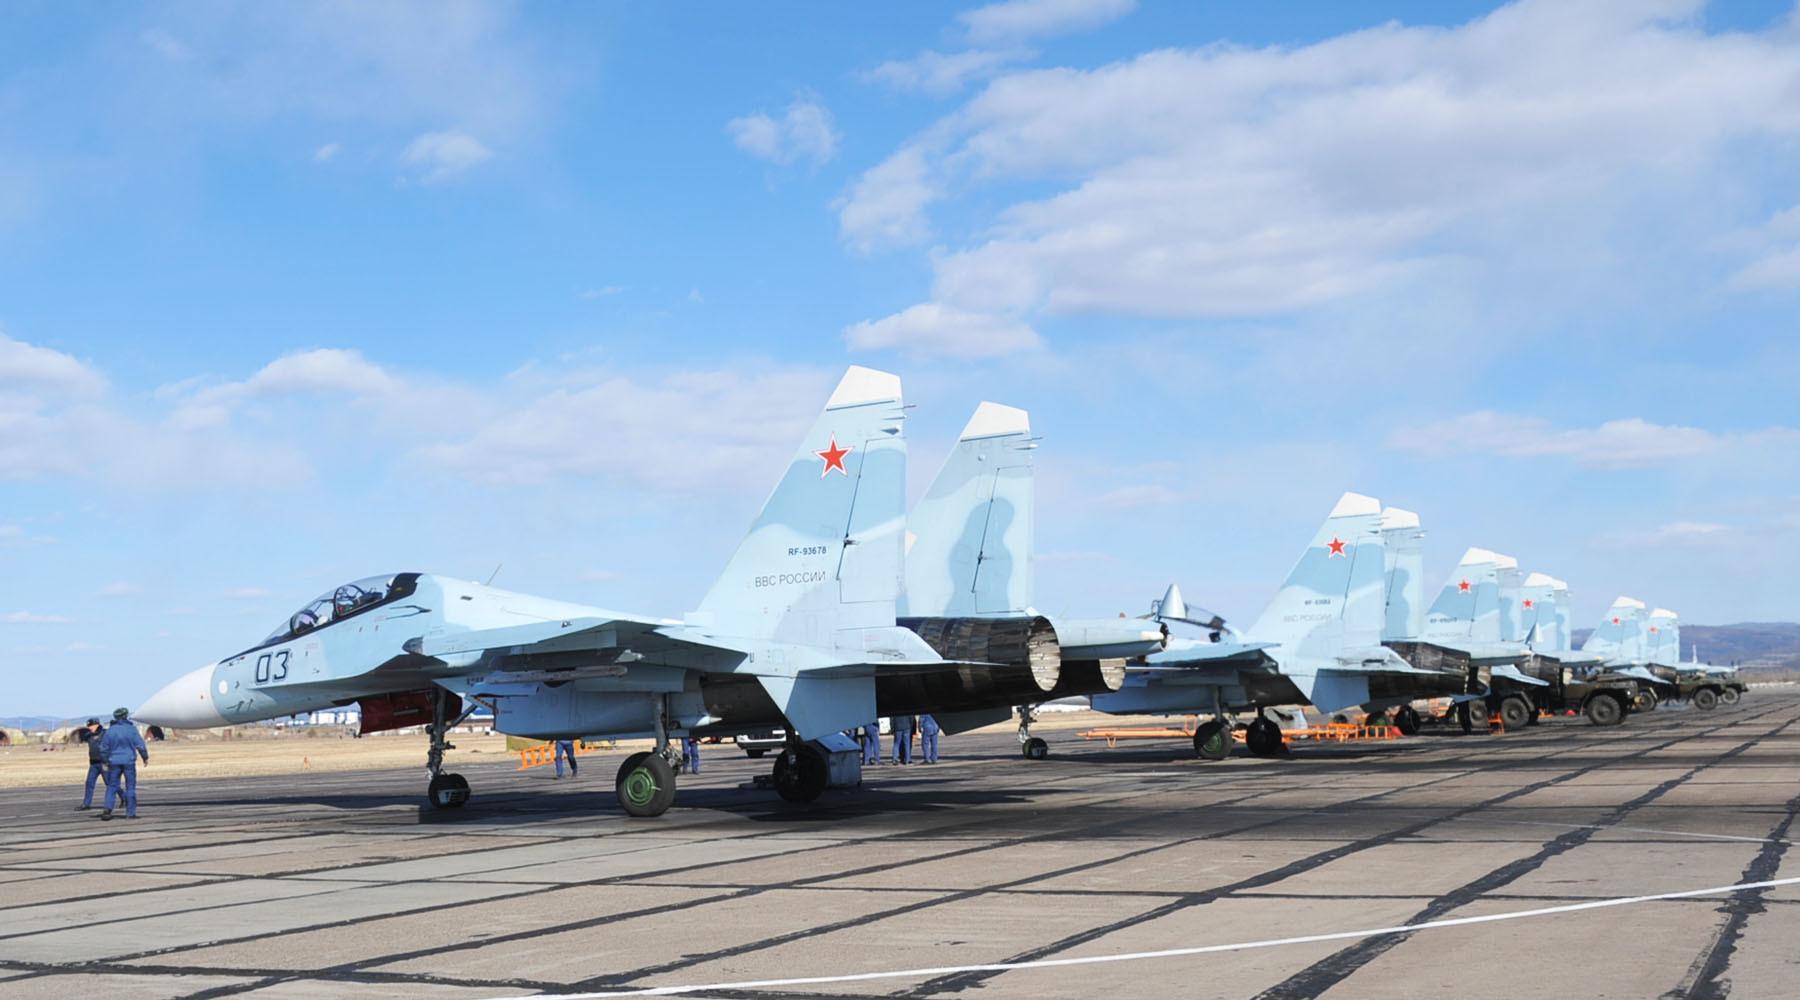 Российский самолёт Су-24 разбился при взлёте в Сирии